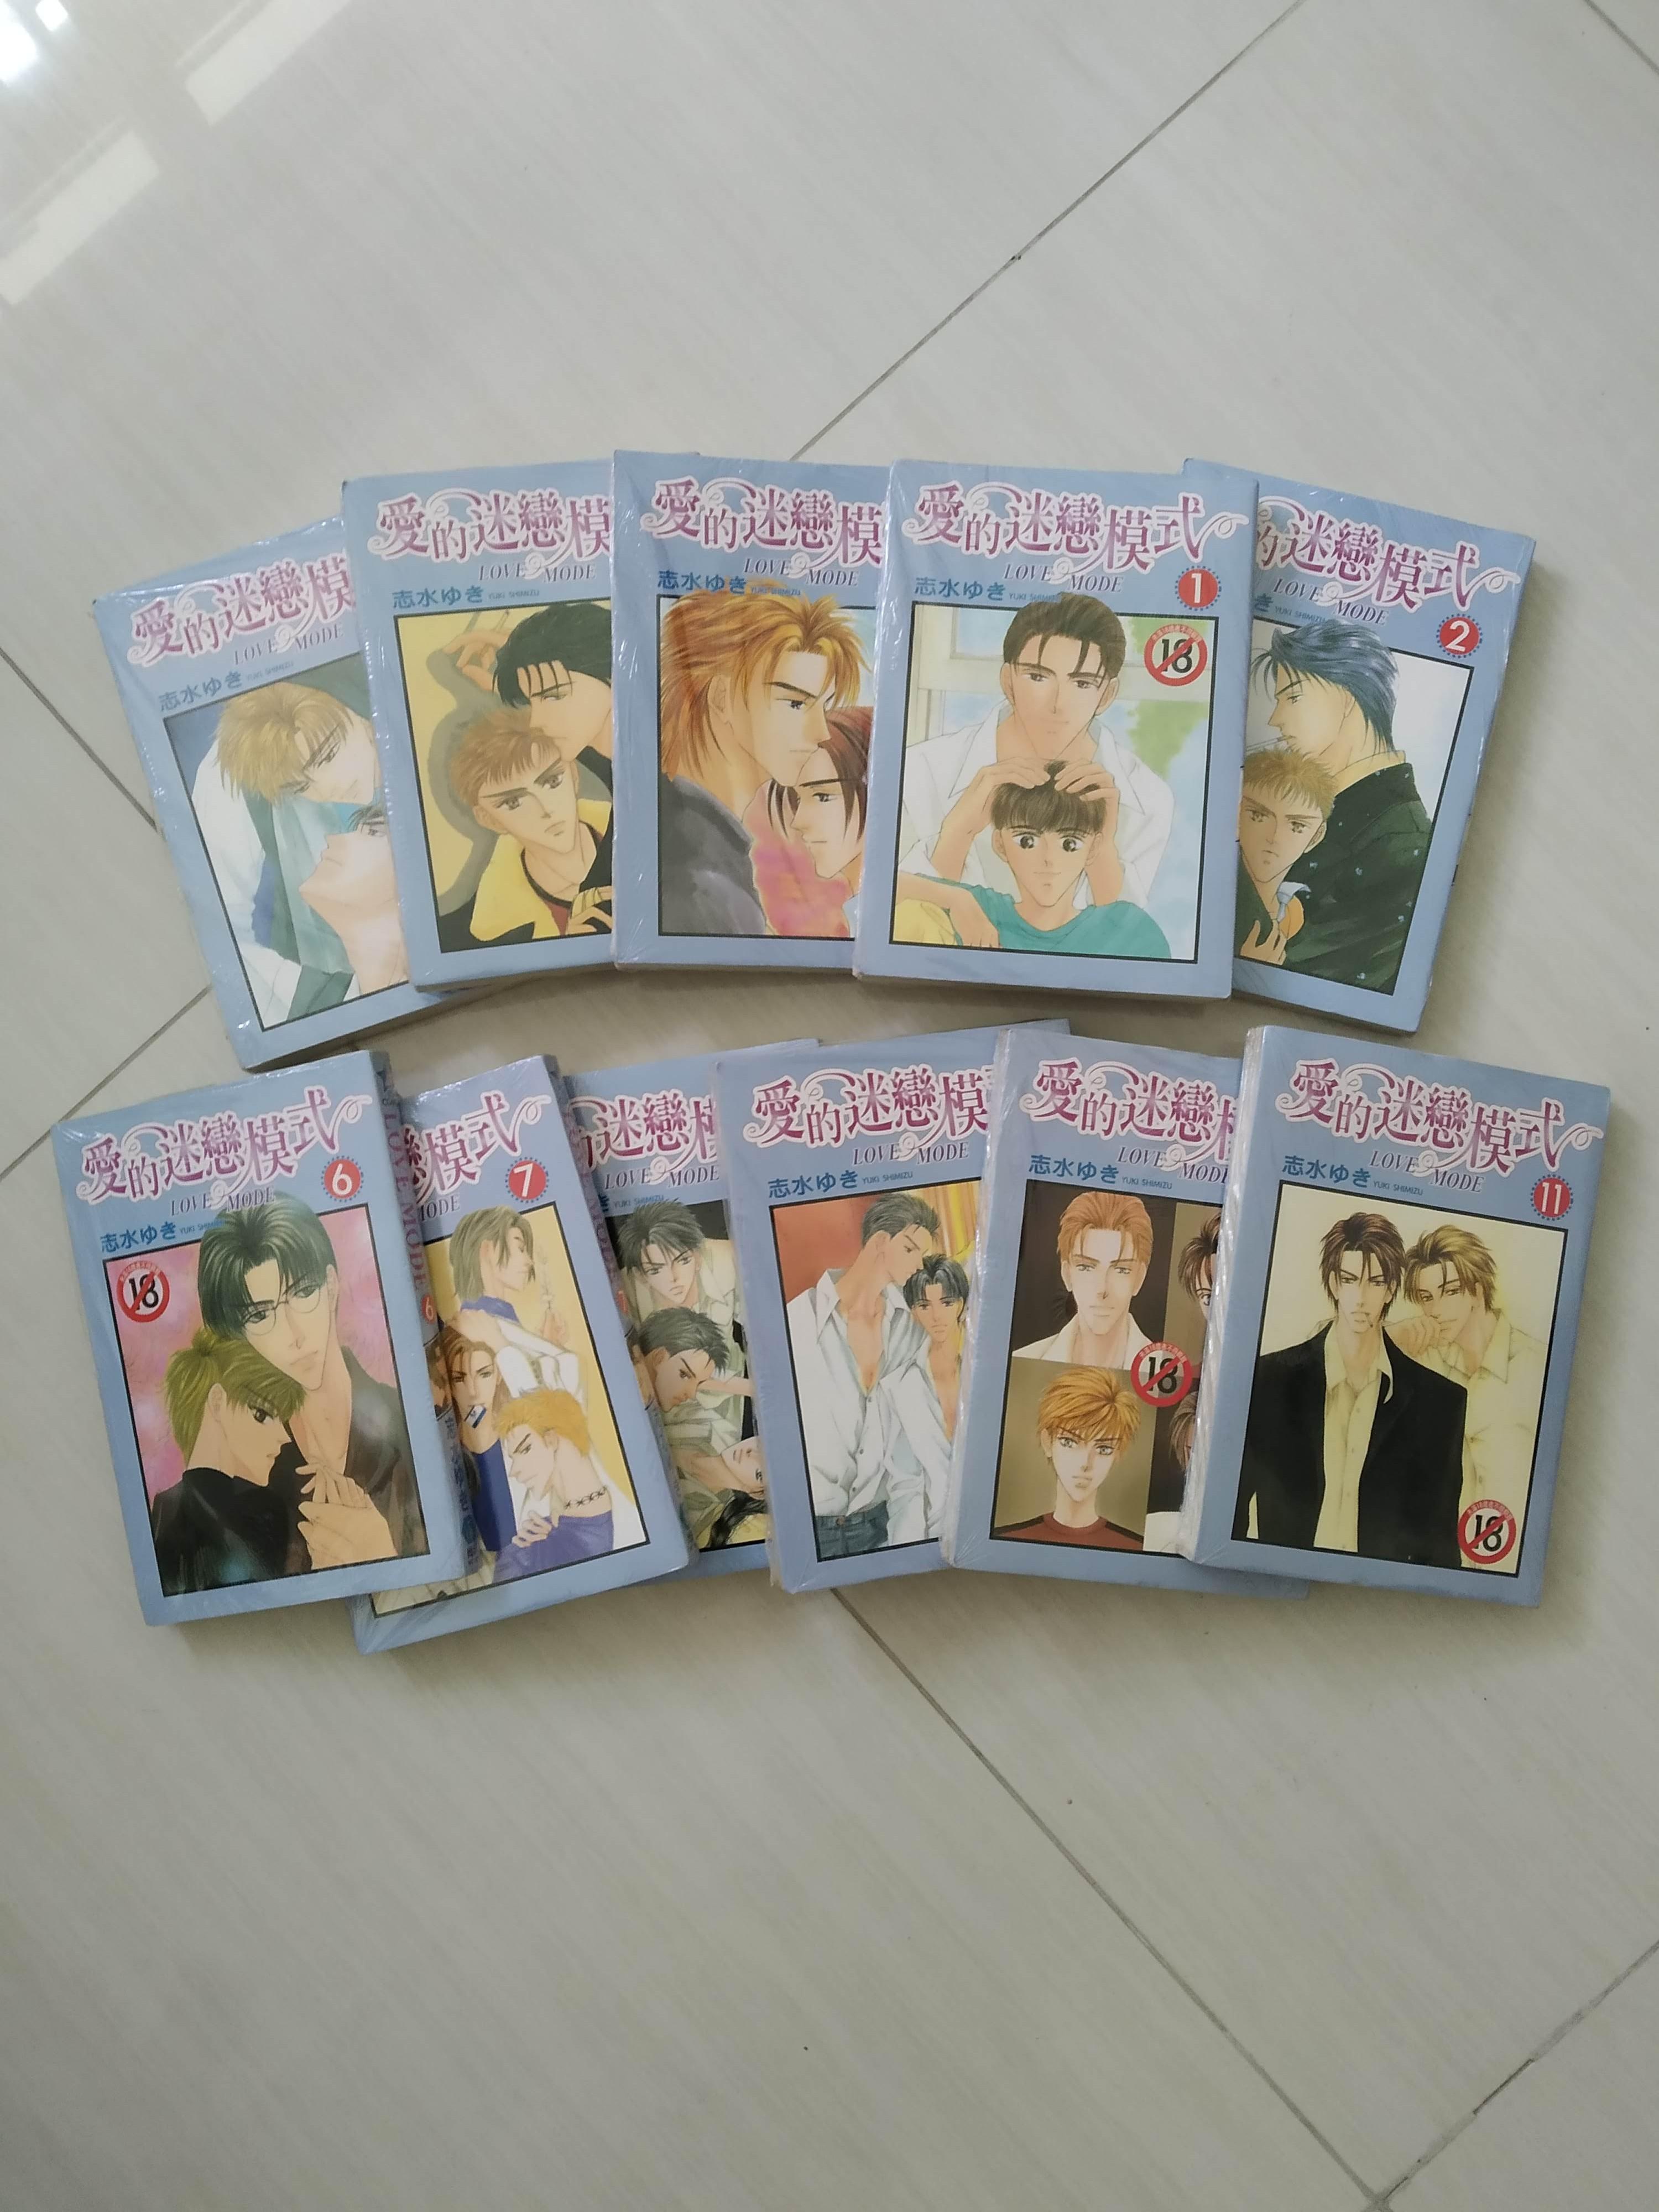 Yaoi Manga Bl Comic Love Mode By Yuki Shimizu Complete Set Books Stationery Comics Manga On Carousell